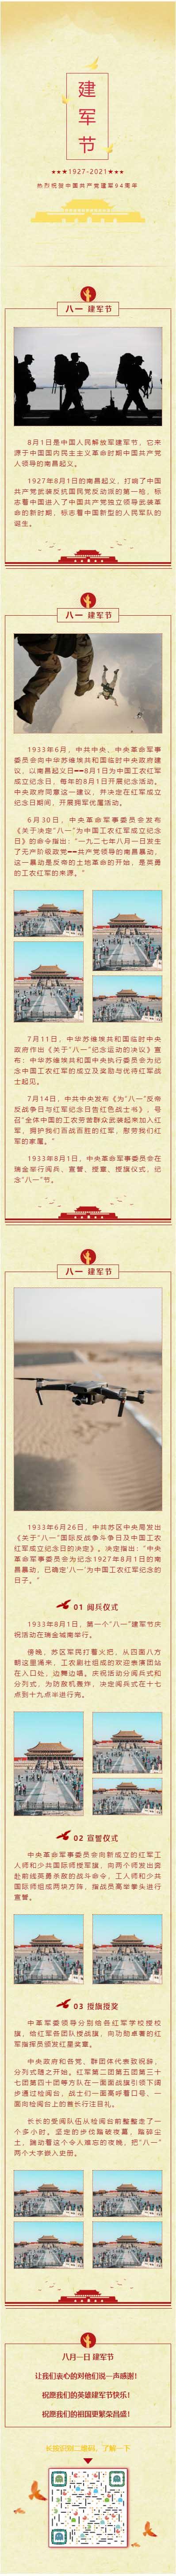 热烈祝贺中国共产党建军94周年微信建军节推文模板八一推送文章素材